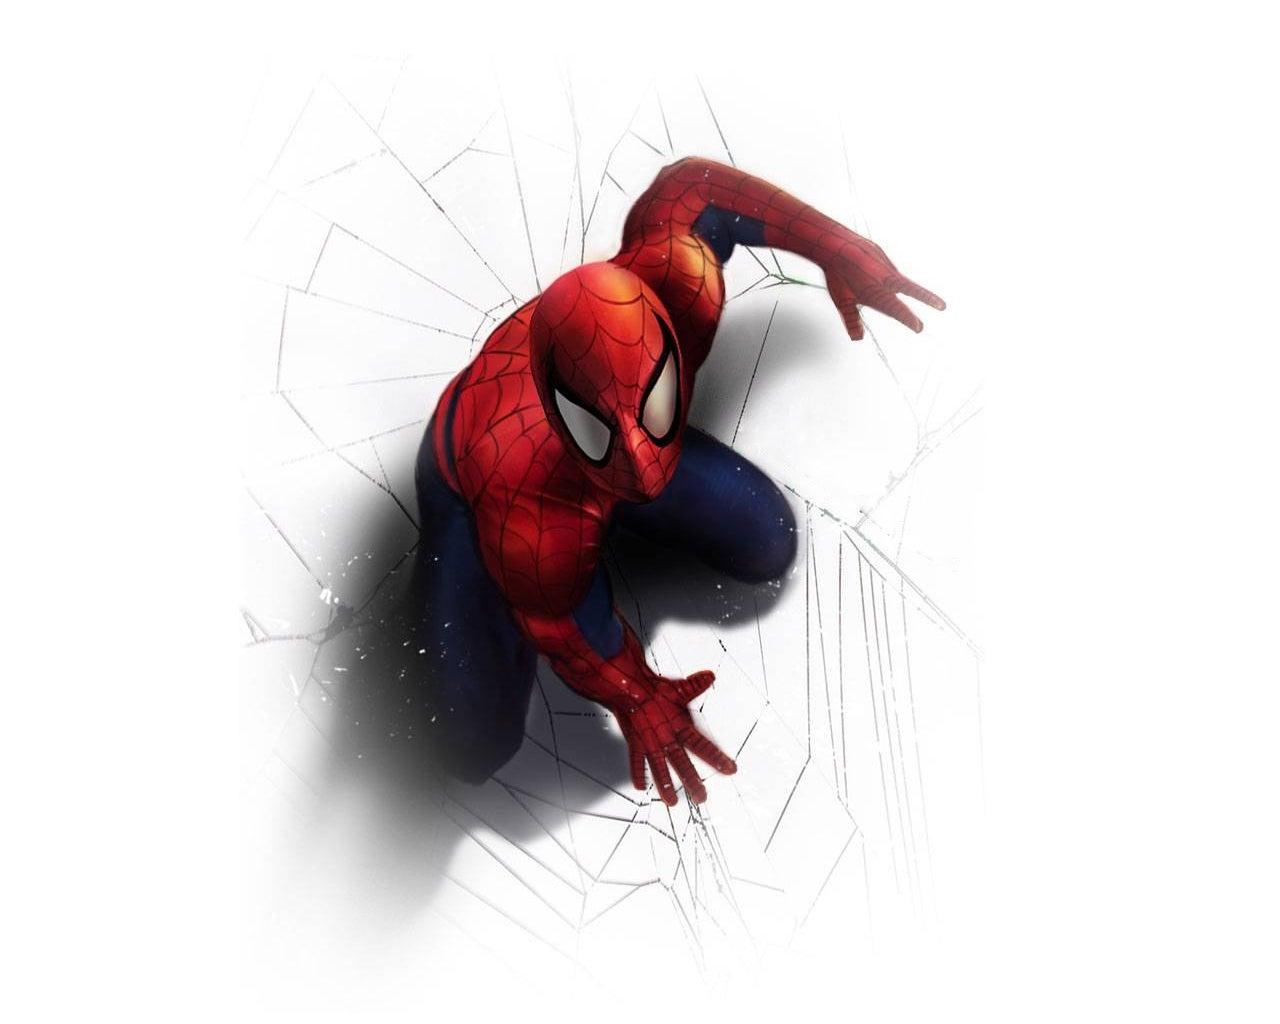 spider-man-on-white